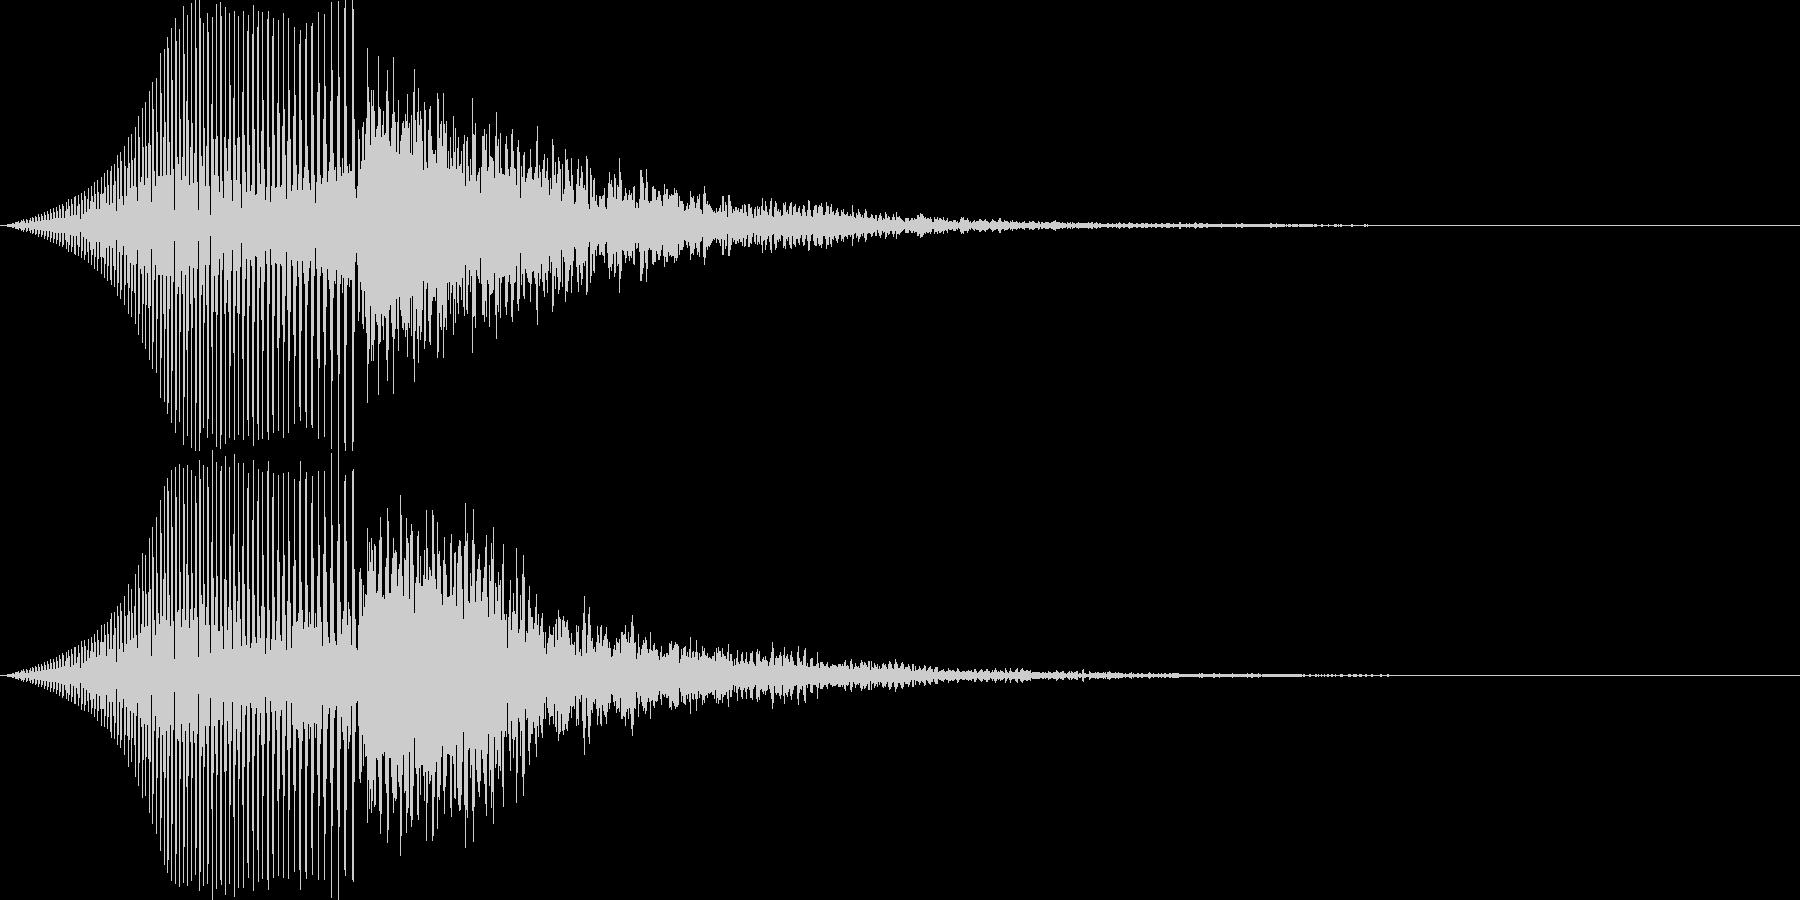 ブーンと現れた後に魔法で消える効果音の未再生の波形